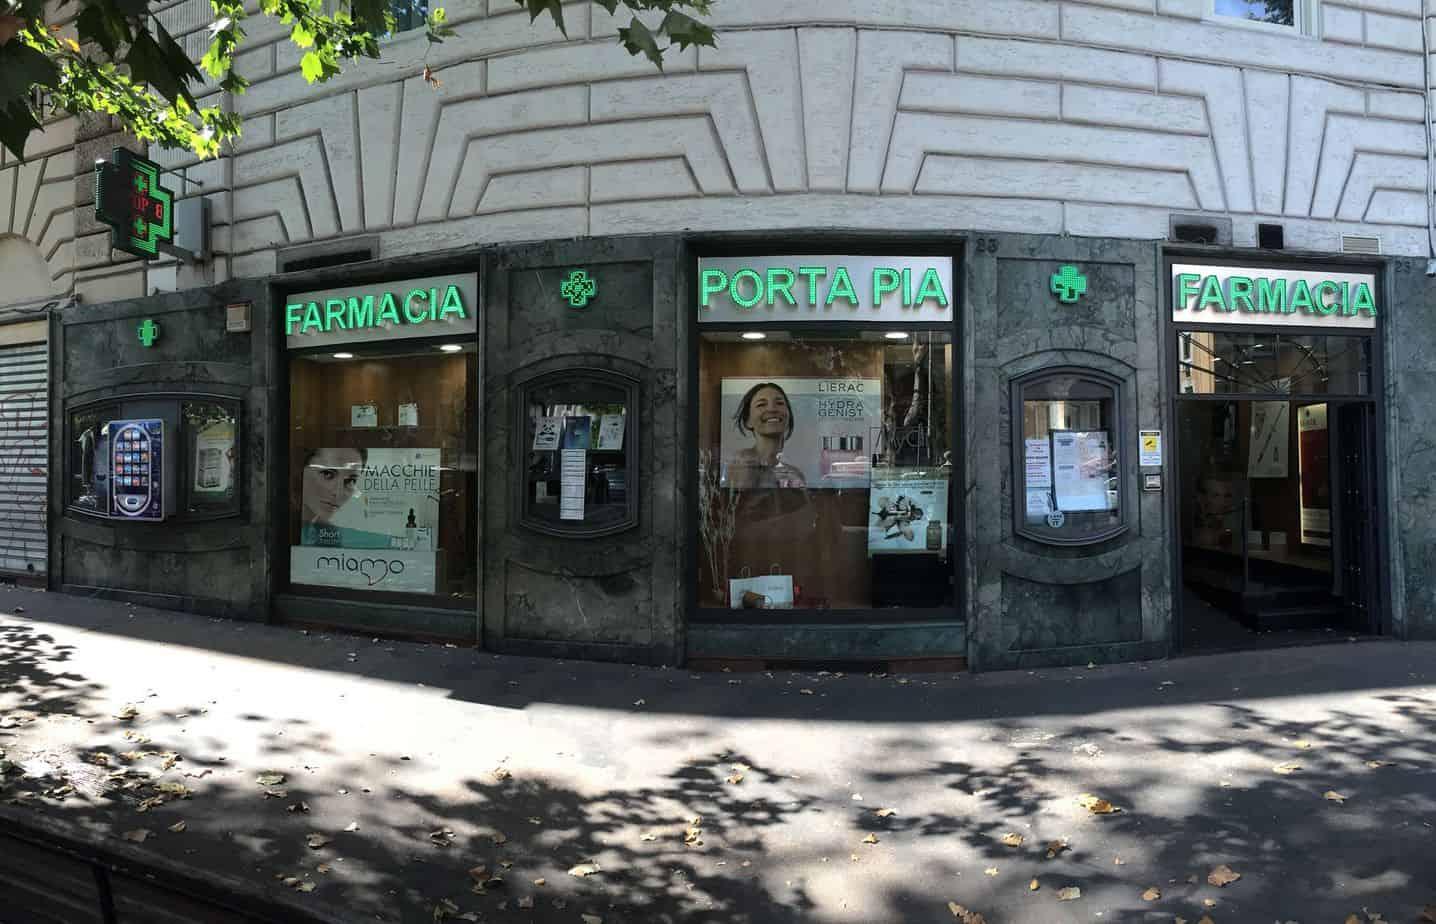 Consegne e spedizioni farmacia porta pia - Farmacia porta pia ...